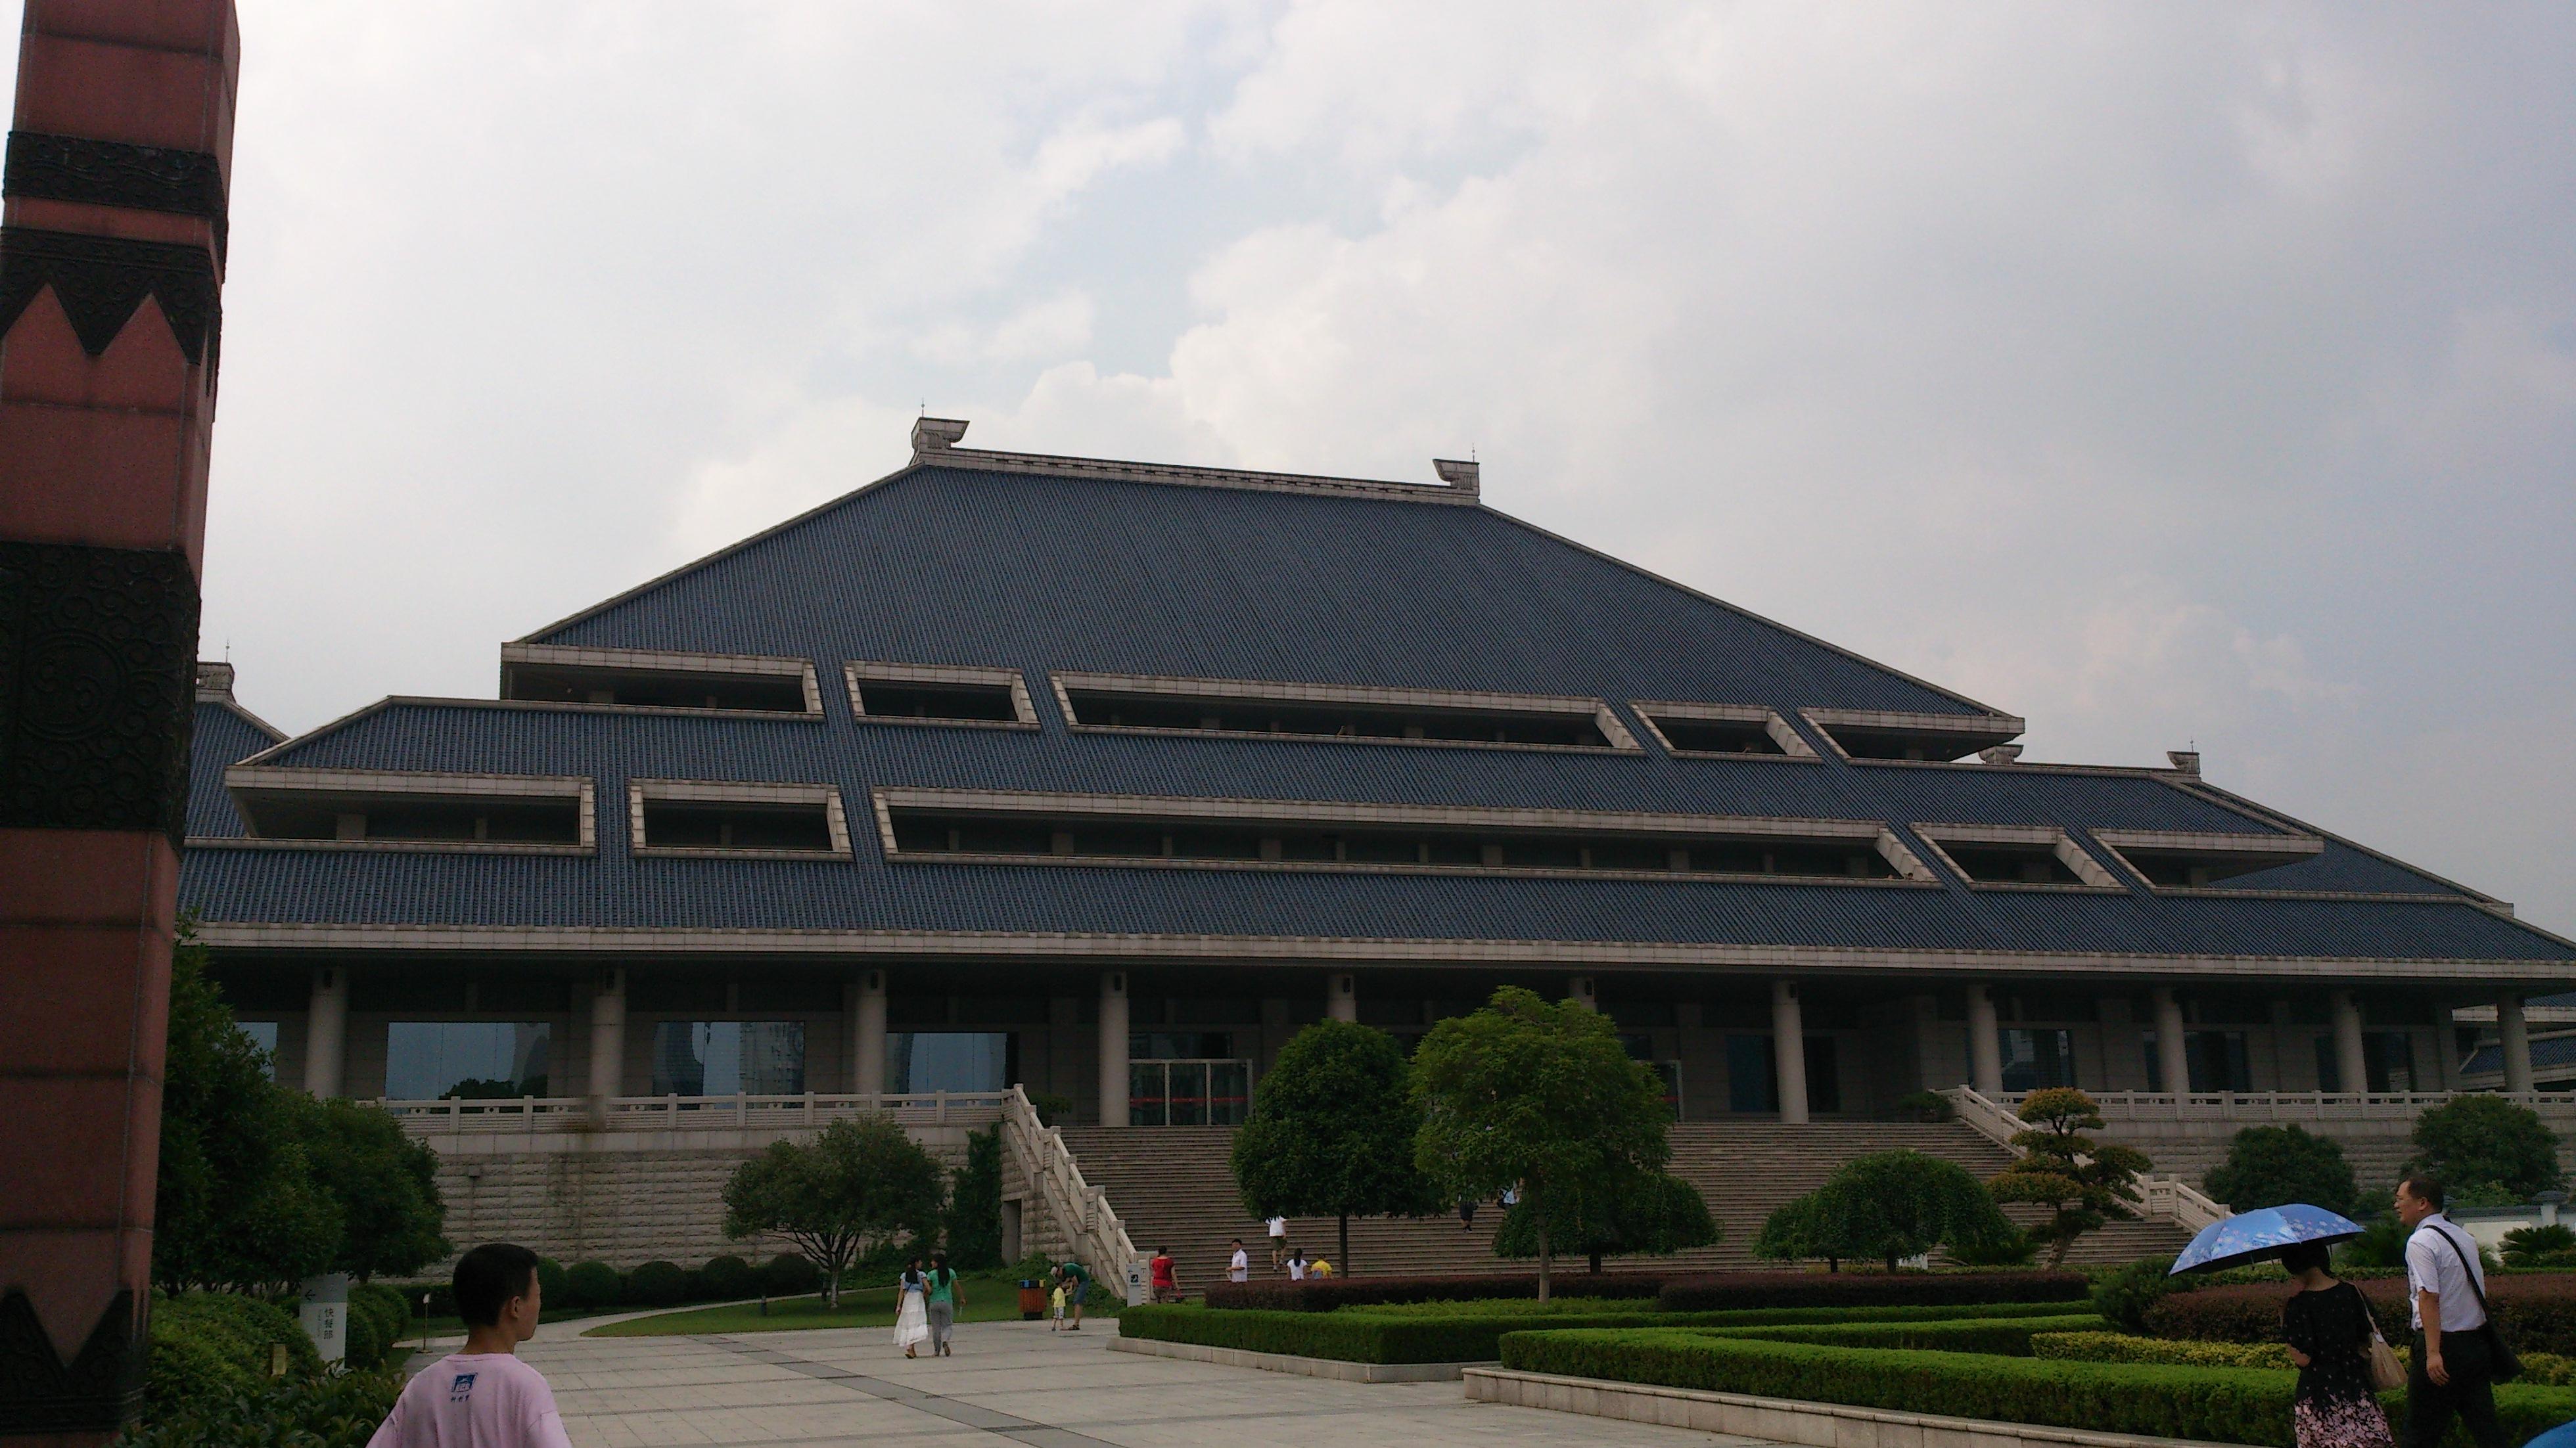 湖北省博物馆,武汉湖北省博物馆攻略/地址/图片/门票